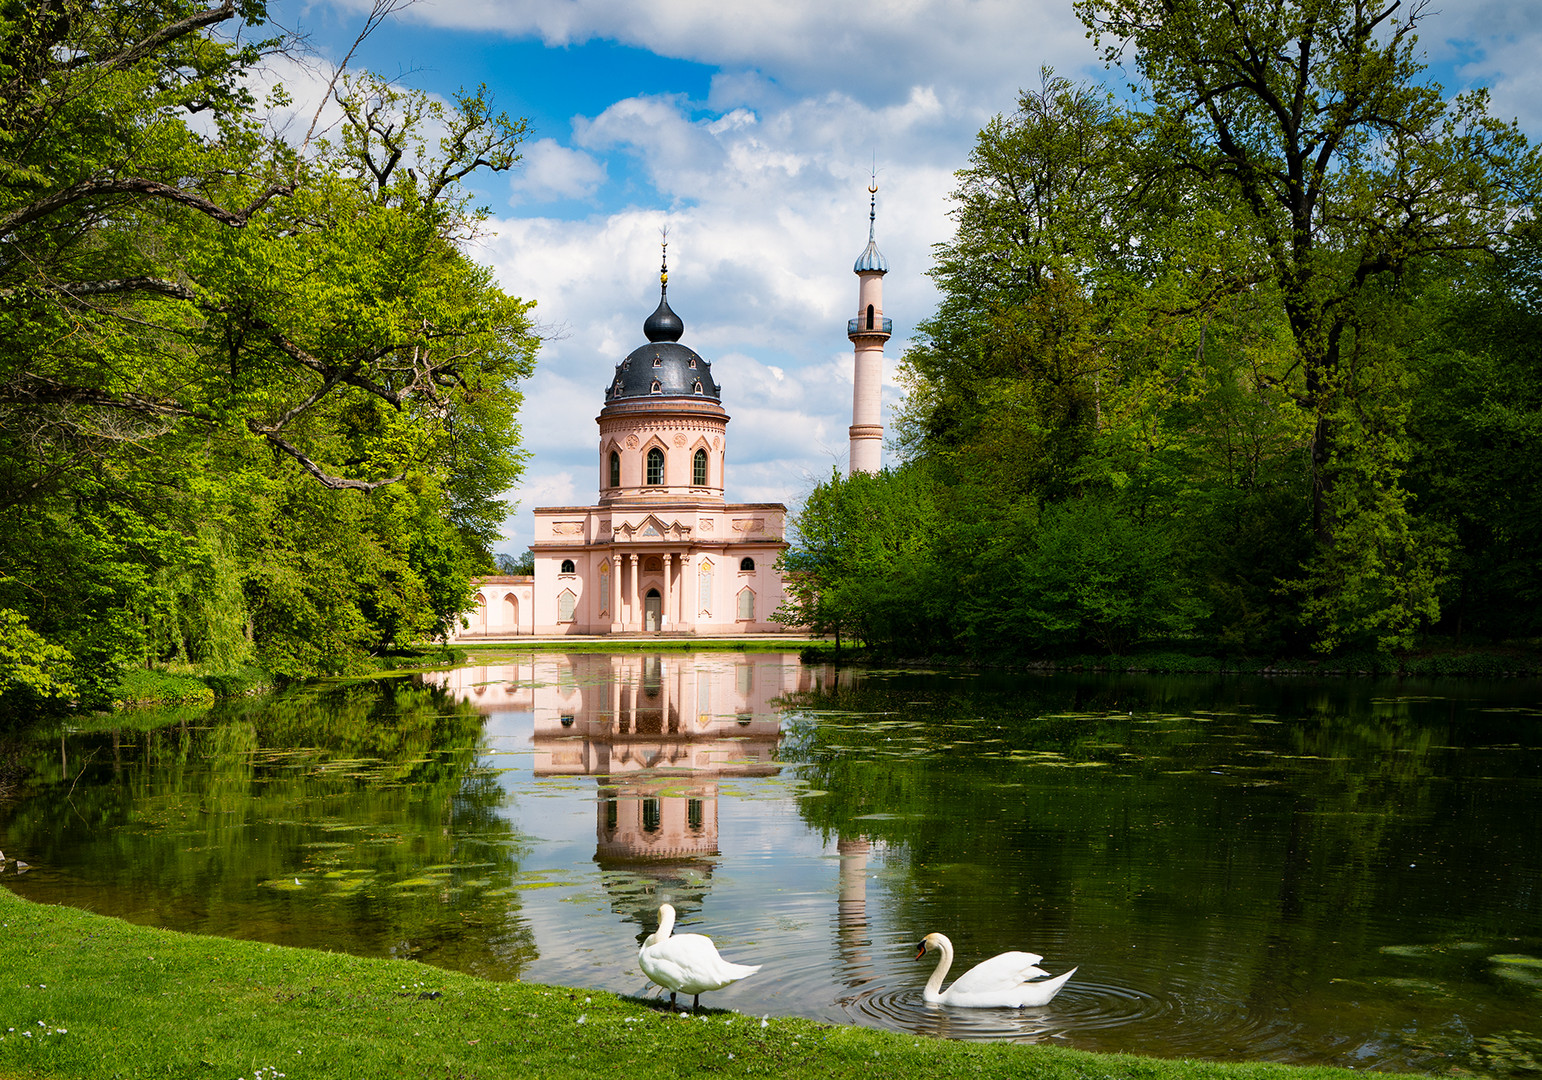 Ausflug Schloss Schwetzingen no.5